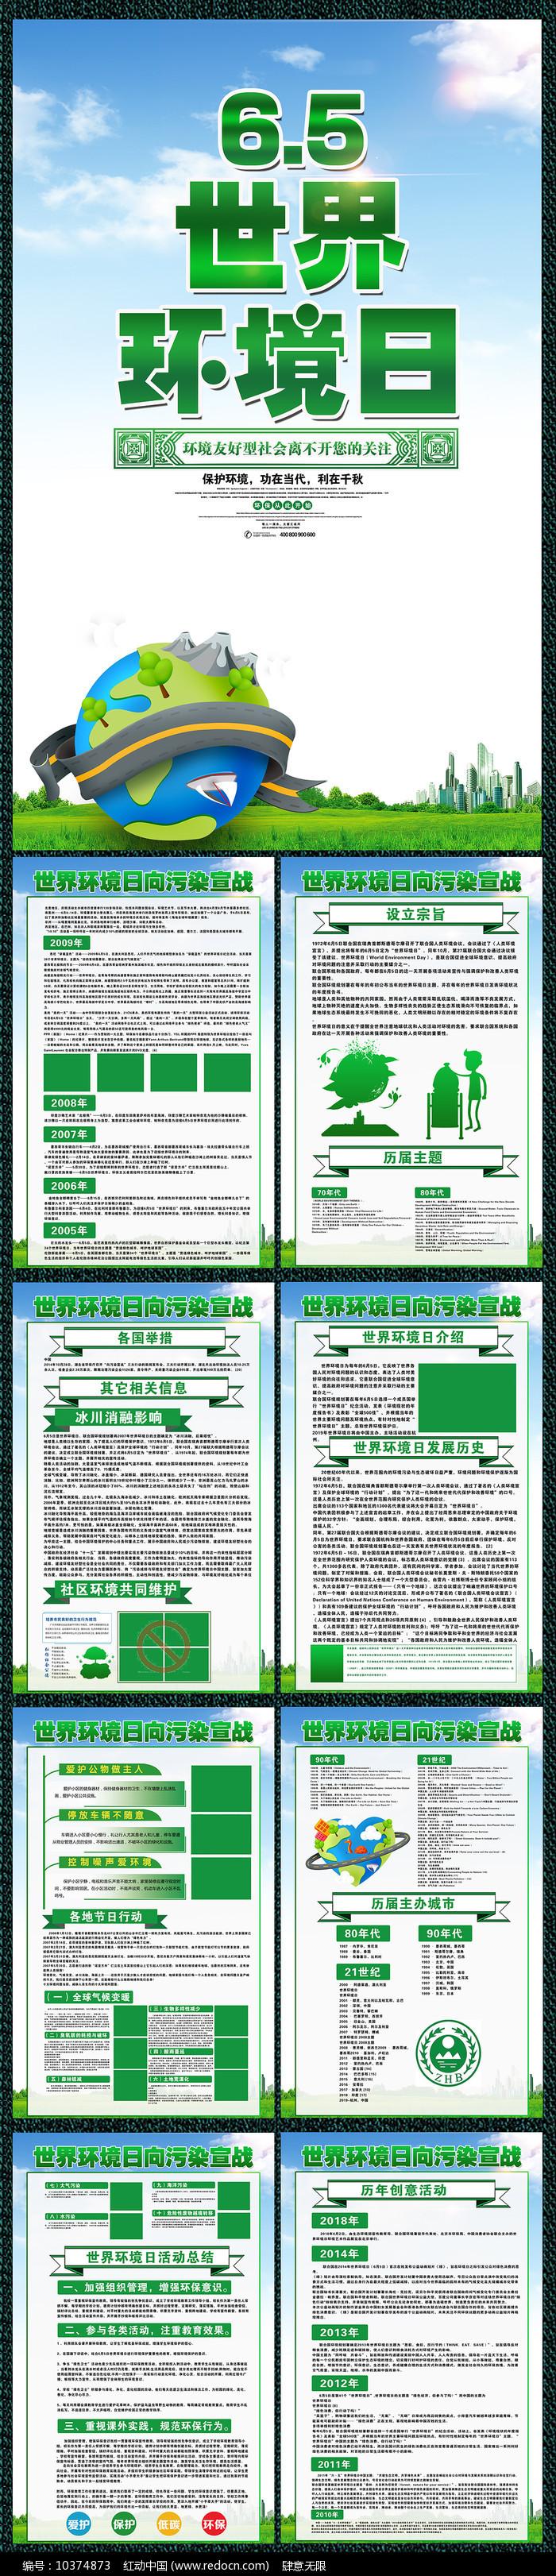 6.5世界环境日宣传展板设计图片